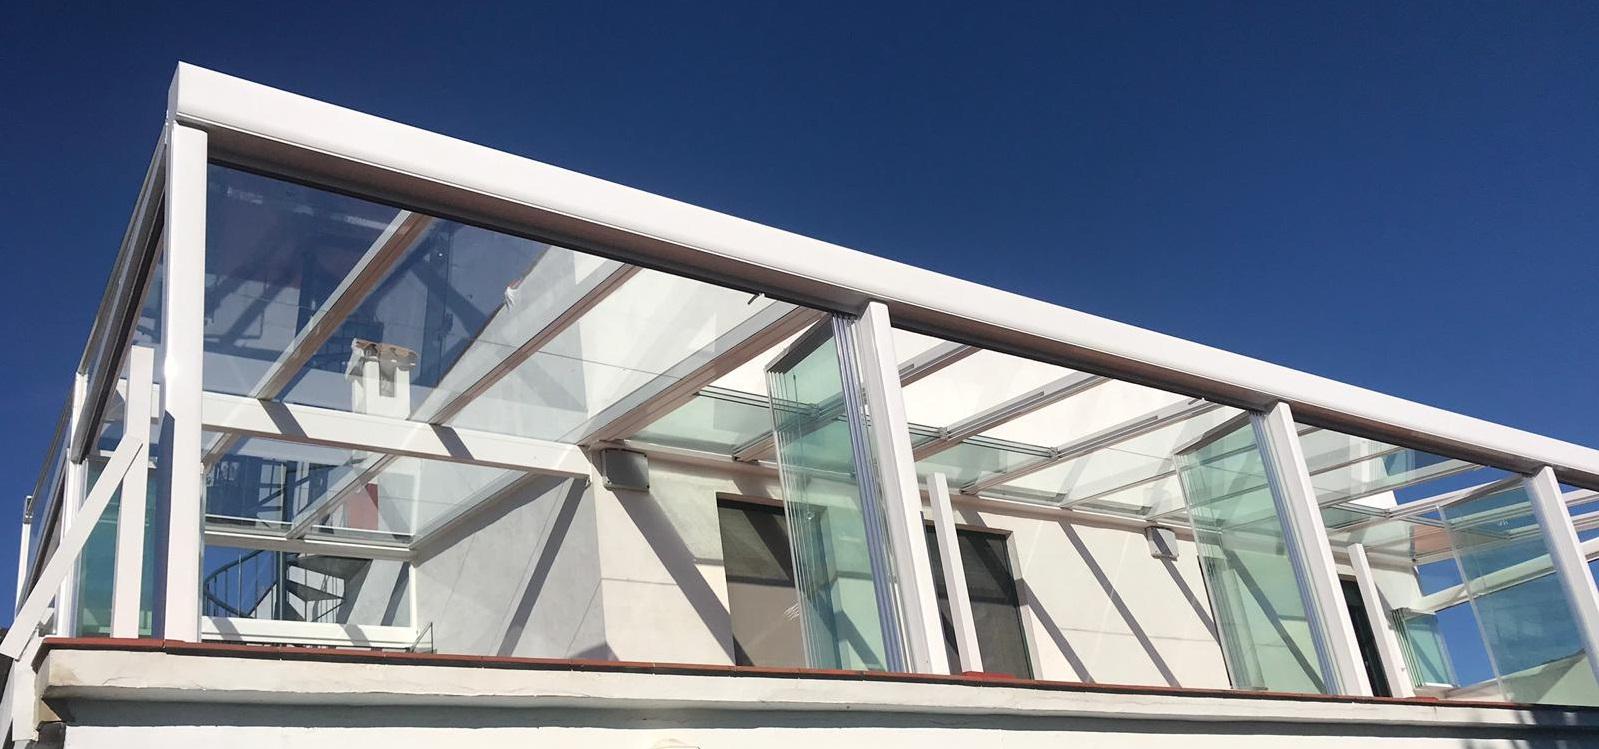 Instalación techo móvil y fijo de cristal. Málaga